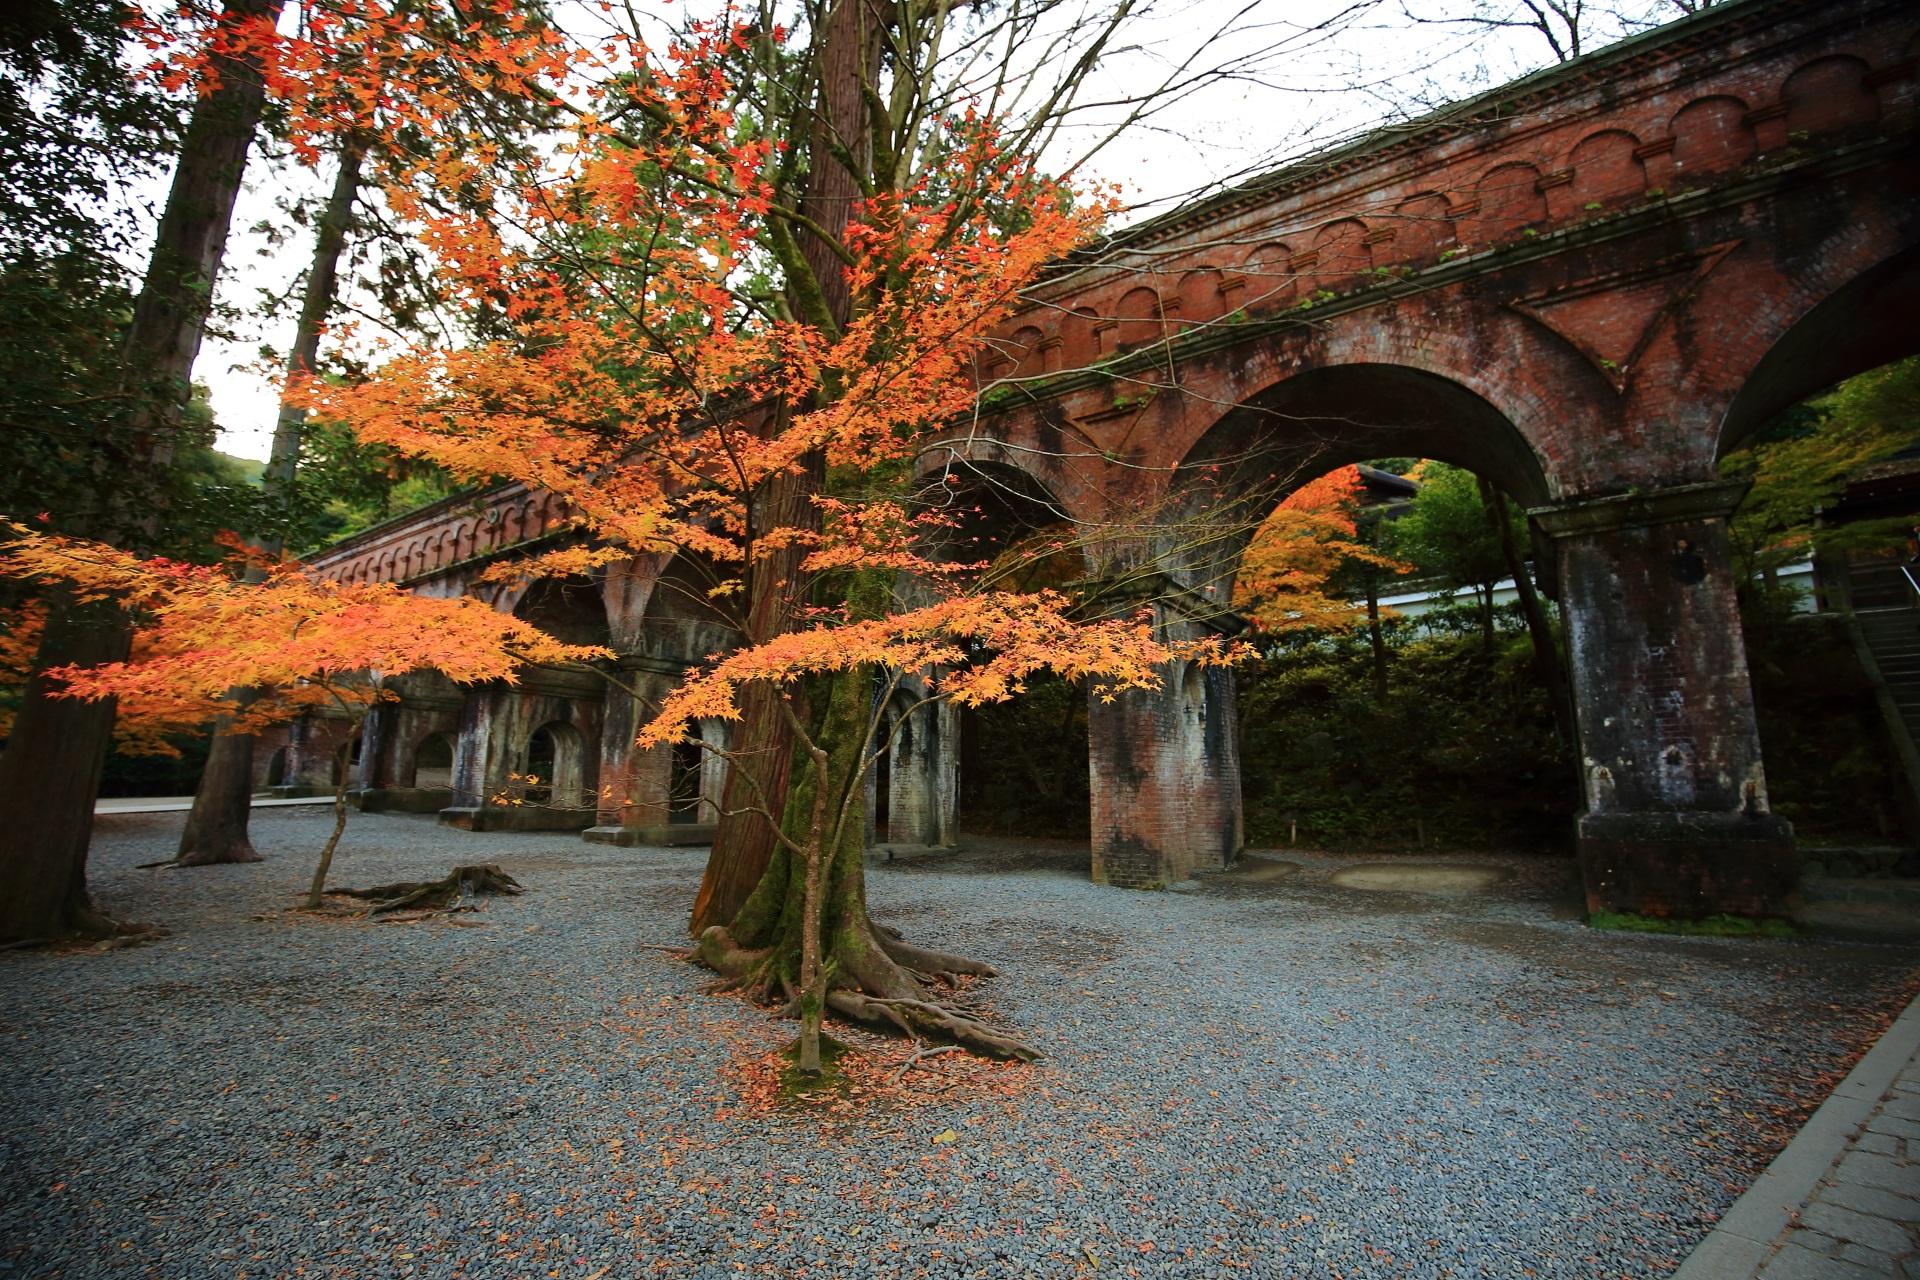 南禅寺の水路閣と紅葉